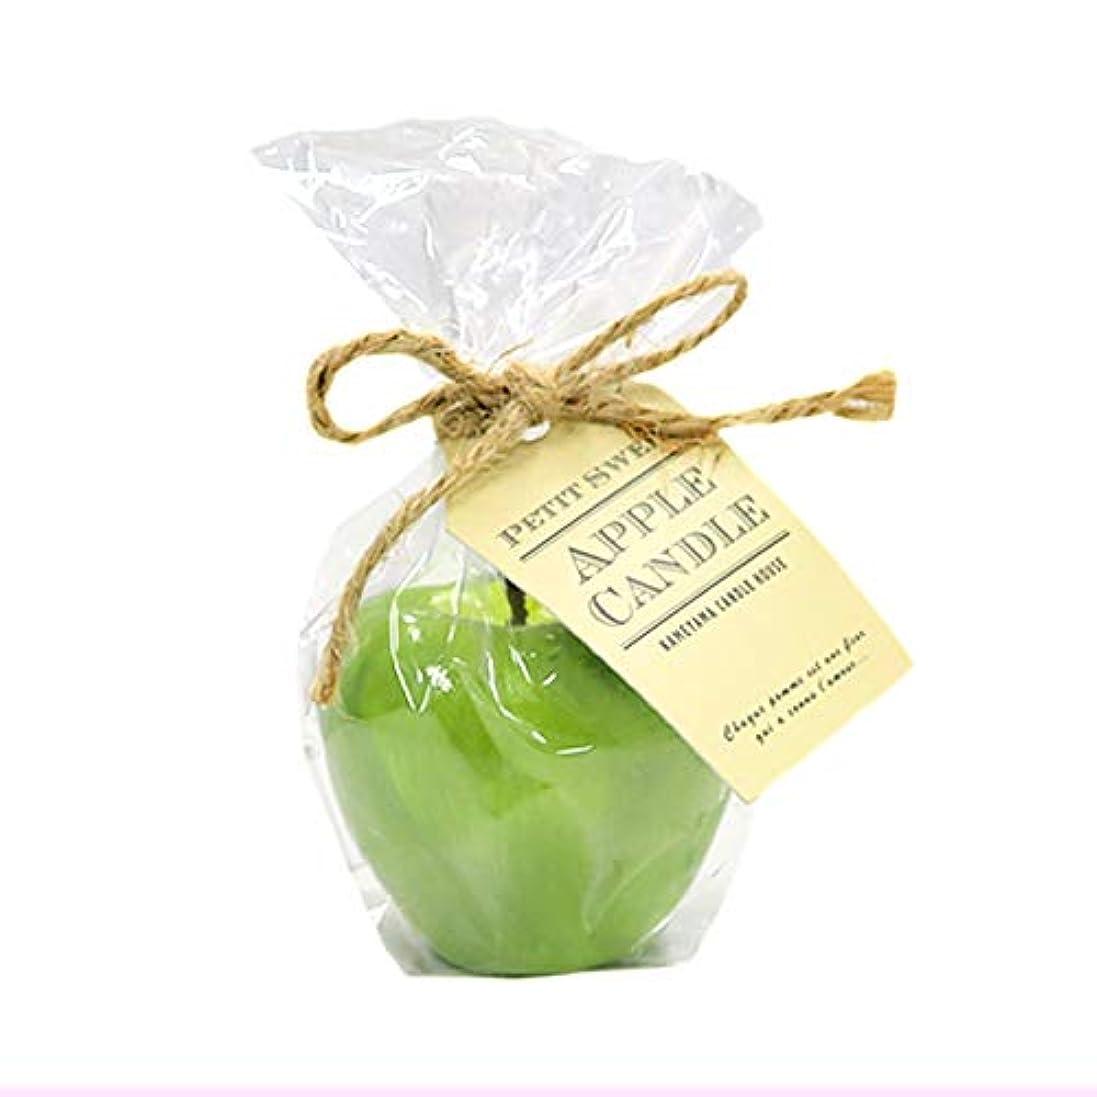 洗練ホイストファウルカメヤマキャンドルハウス プチスイートアップルフローティングキャンドル グリーン アップルの香りつき